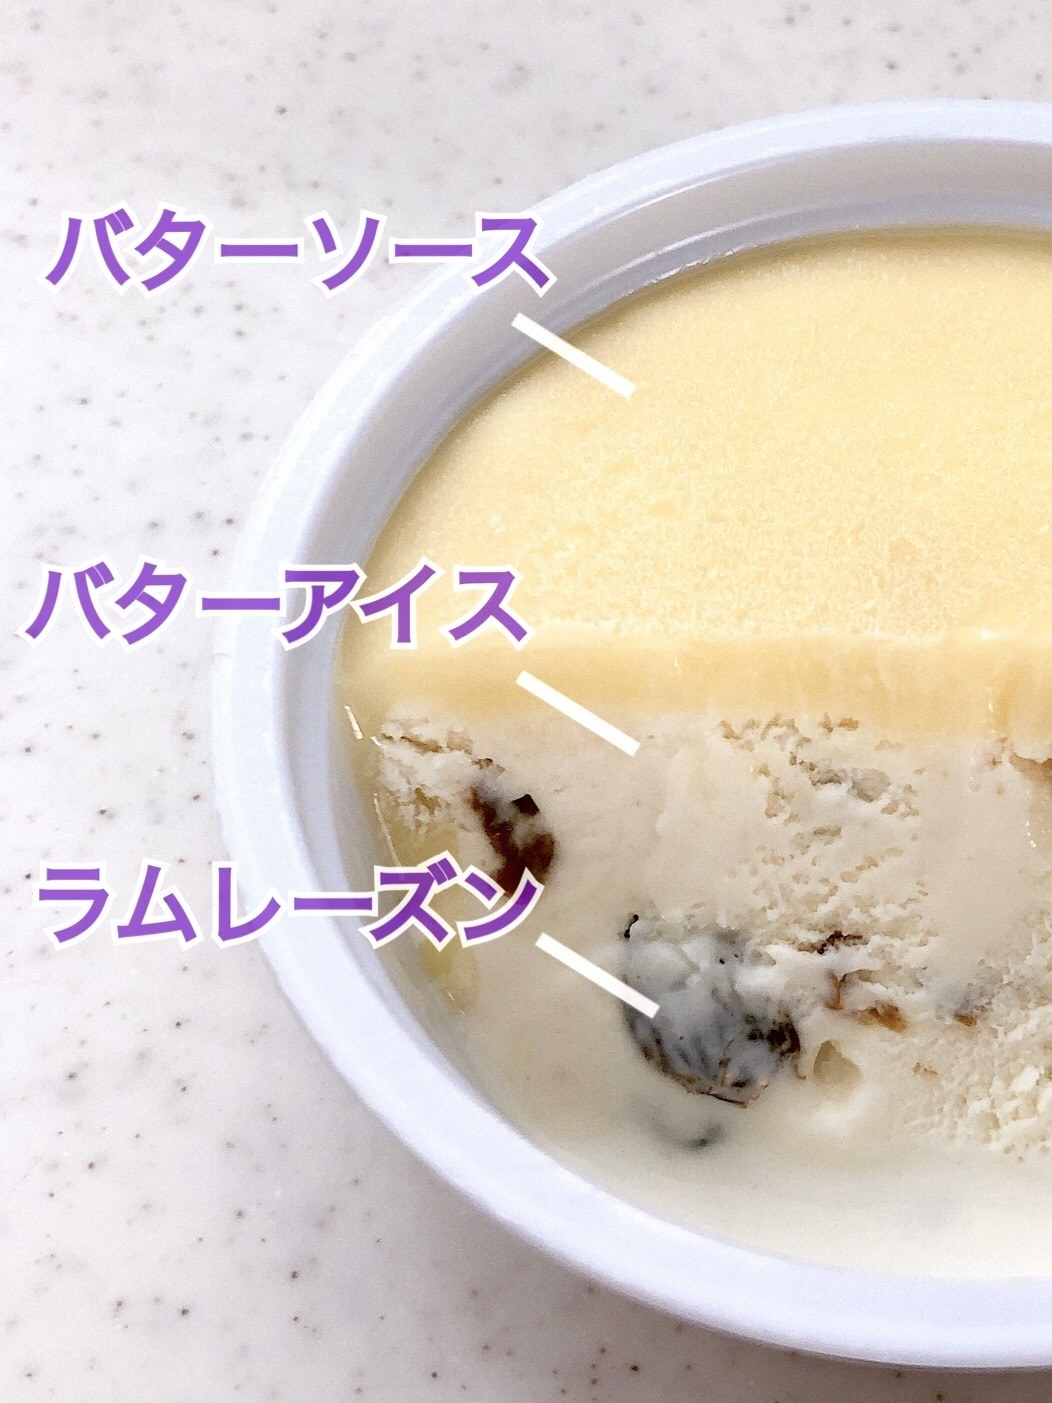 アイス コンビニ バター